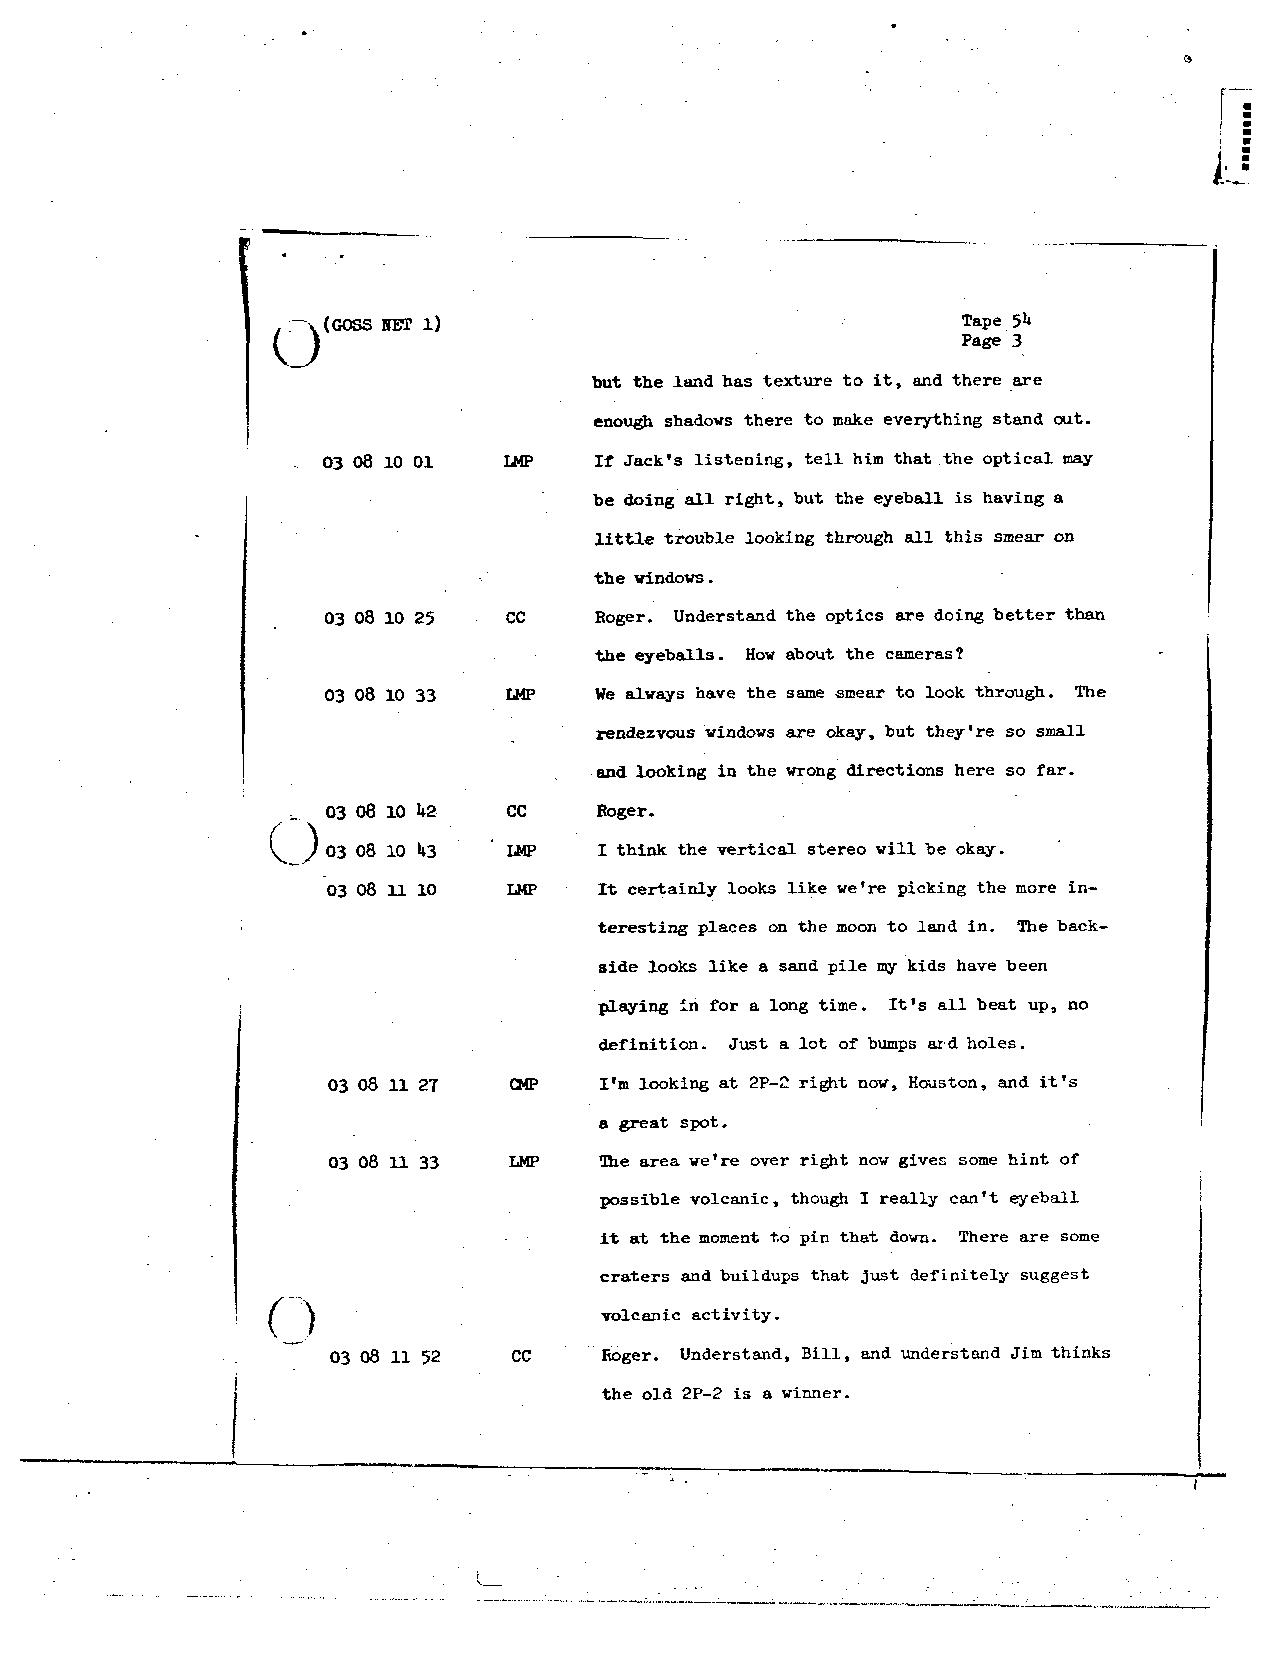 Page 428 of Apollo 8's original transcript